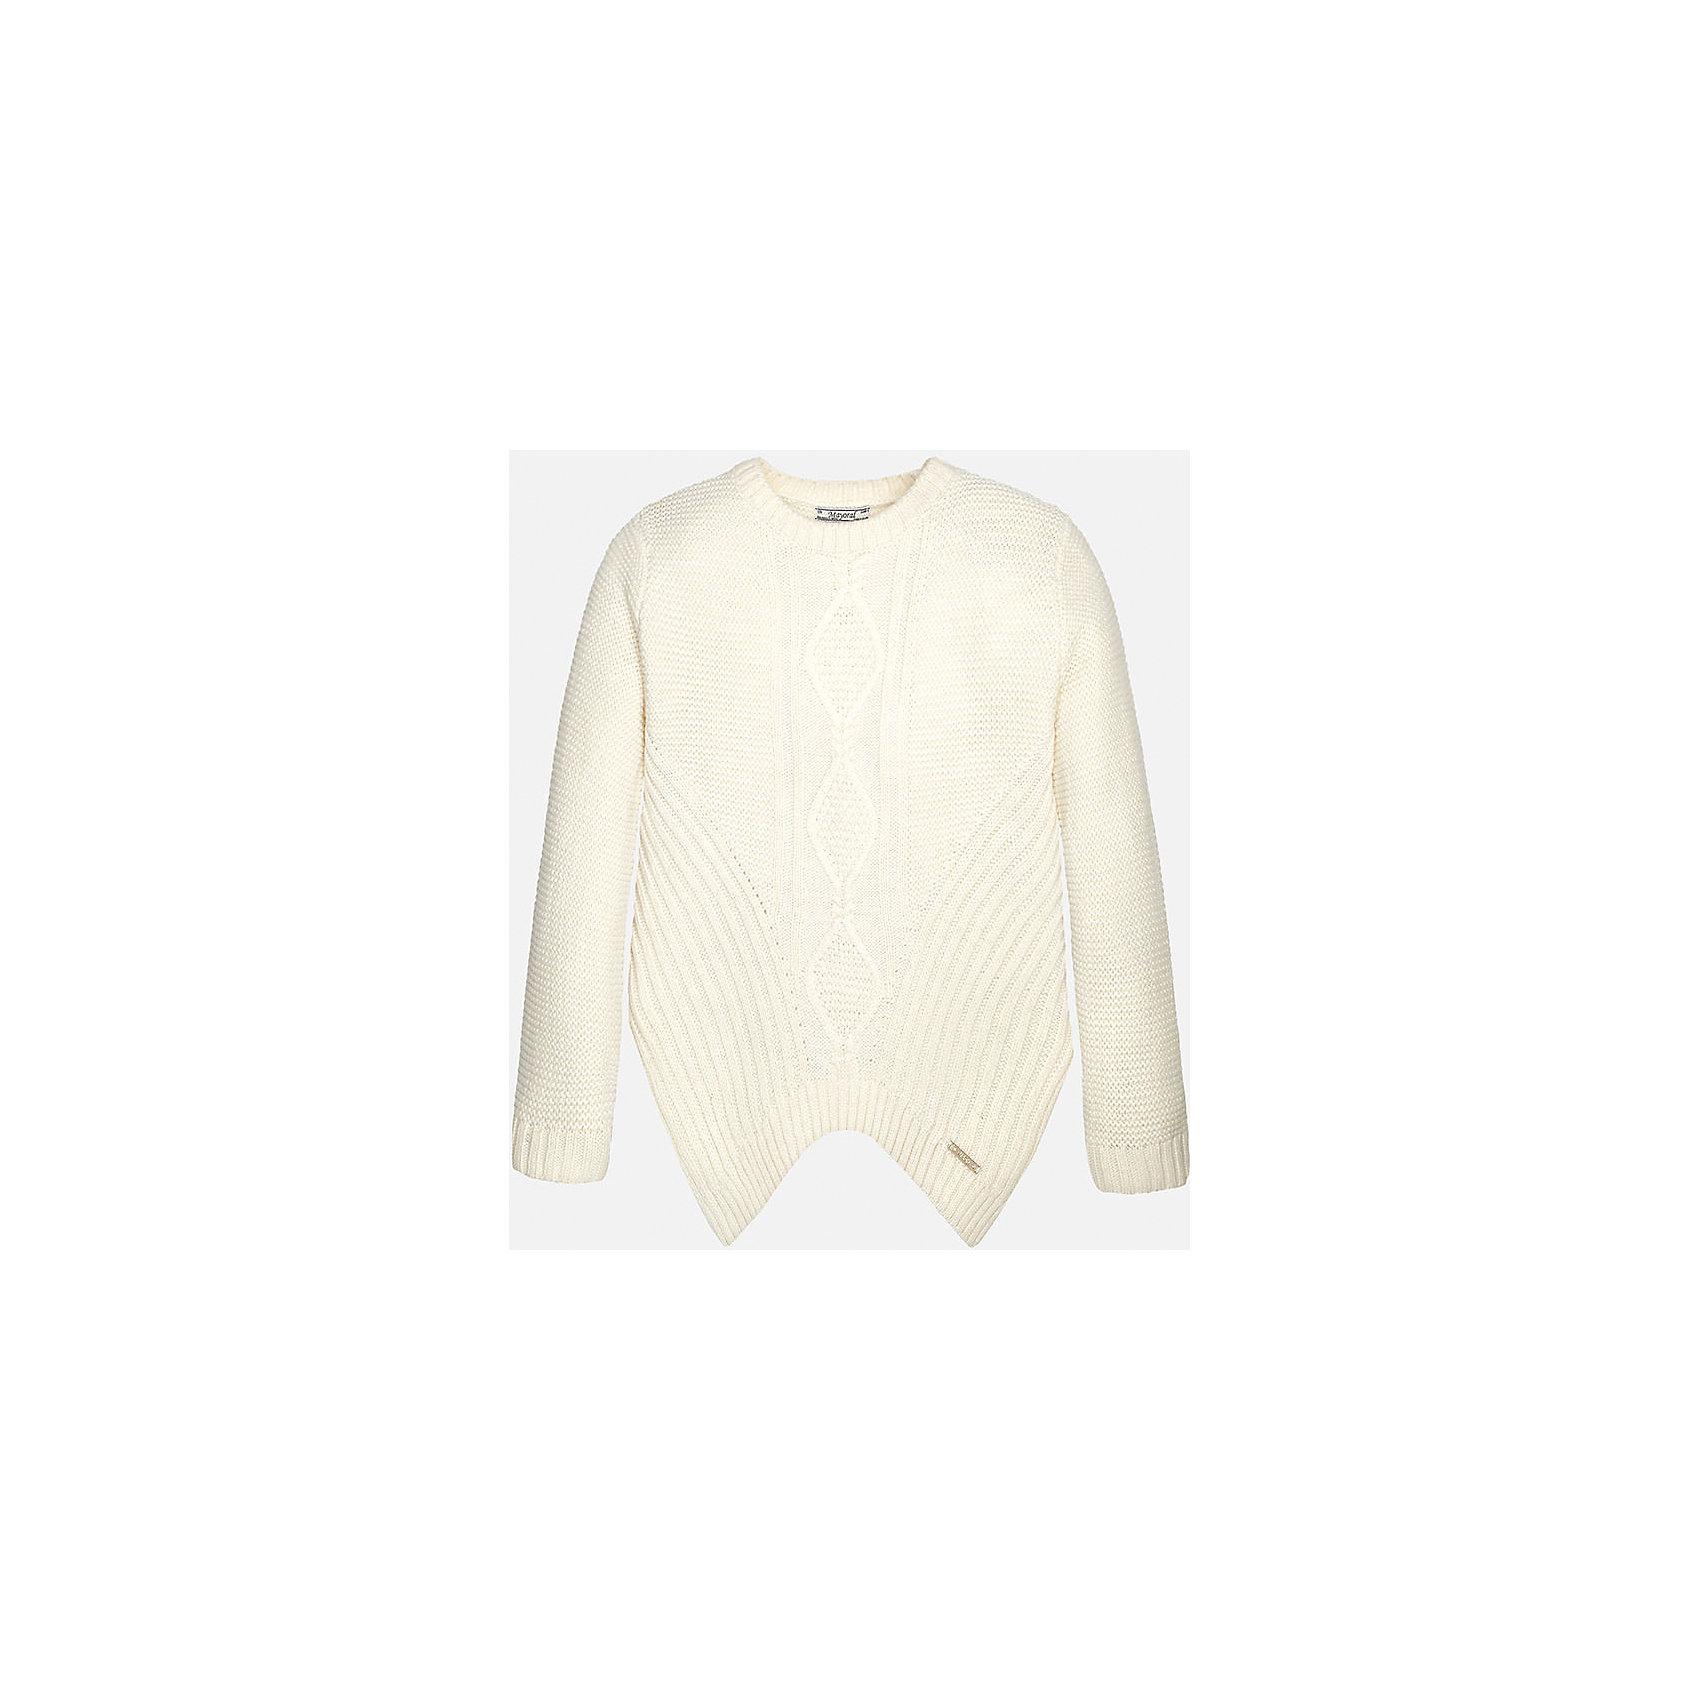 Свитер для девочки MayoralСвитера и кардиганы<br>Свитер для девочки от известного испанского бренда Mayoral(Майорал) изготовлен из высококачественных прочных материалов. Модель отличается оригинальным дизайном с вырезом на подоле. Элегантный свитер нежного цвета - прекрасный вариант для юной леди!<br>Дополнительная информация:<br>-вырез на подоле<br>-длинные рукава<br>-цвет: белый<br>-состав: 75% акрил, 25% полиамид<br>Свитер Mayoral(Майорал) вы можете приобрести в нашем интернет-магазине.<br><br>Ширина мм: 190<br>Глубина мм: 74<br>Высота мм: 229<br>Вес г: 236<br>Цвет: белый<br>Возраст от месяцев: 96<br>Возраст до месяцев: 108<br>Пол: Женский<br>Возраст: Детский<br>Размер: 146/152,128/134,164/170,152/158,158/164,134/140<br>SKU: 4847168